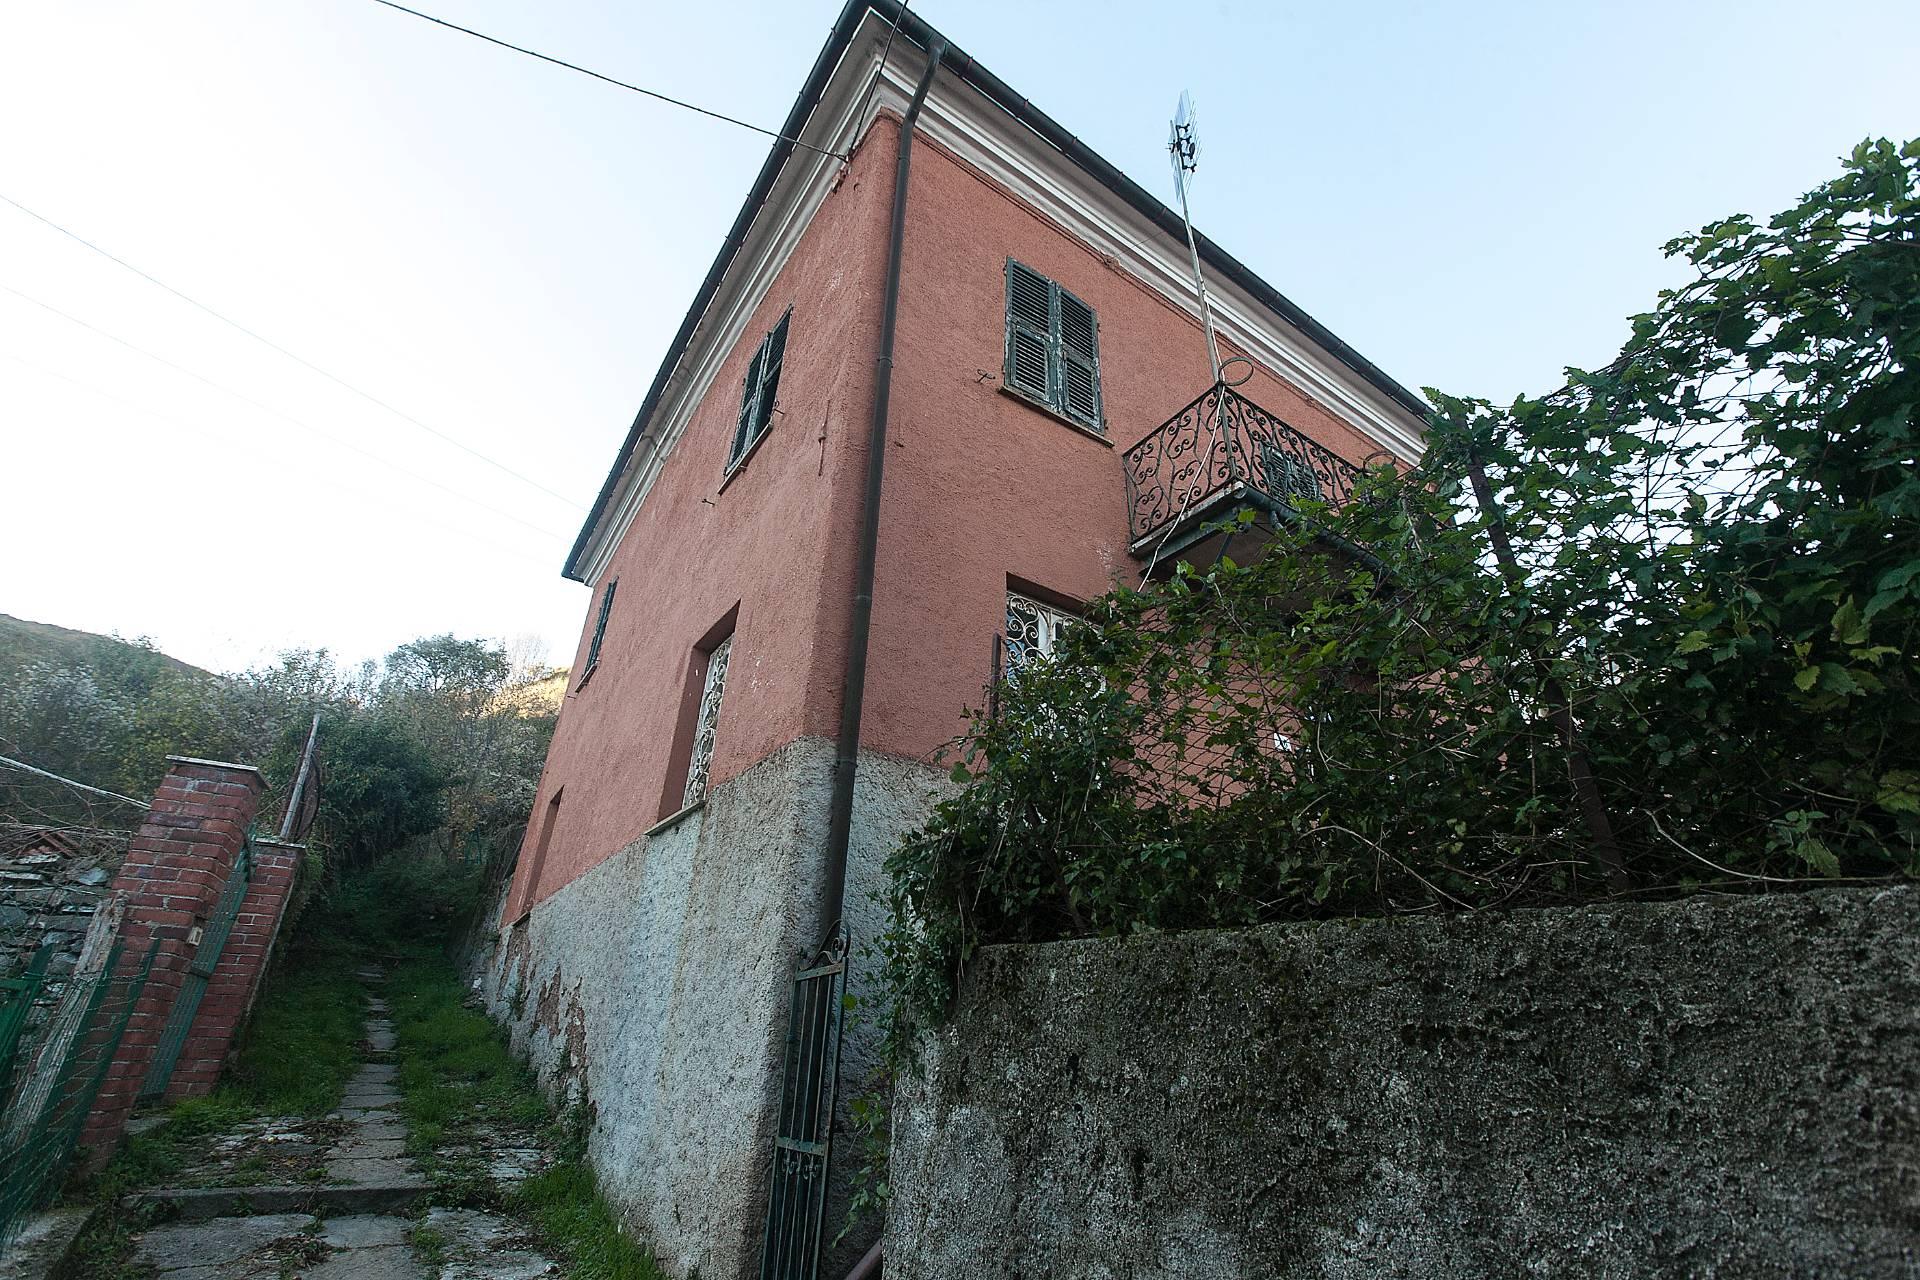 Soluzione Indipendente in vendita a Varese Ligure, 5 locali, zona Zona: Comuneglia, prezzo € 97.000 | Cambio Casa.it